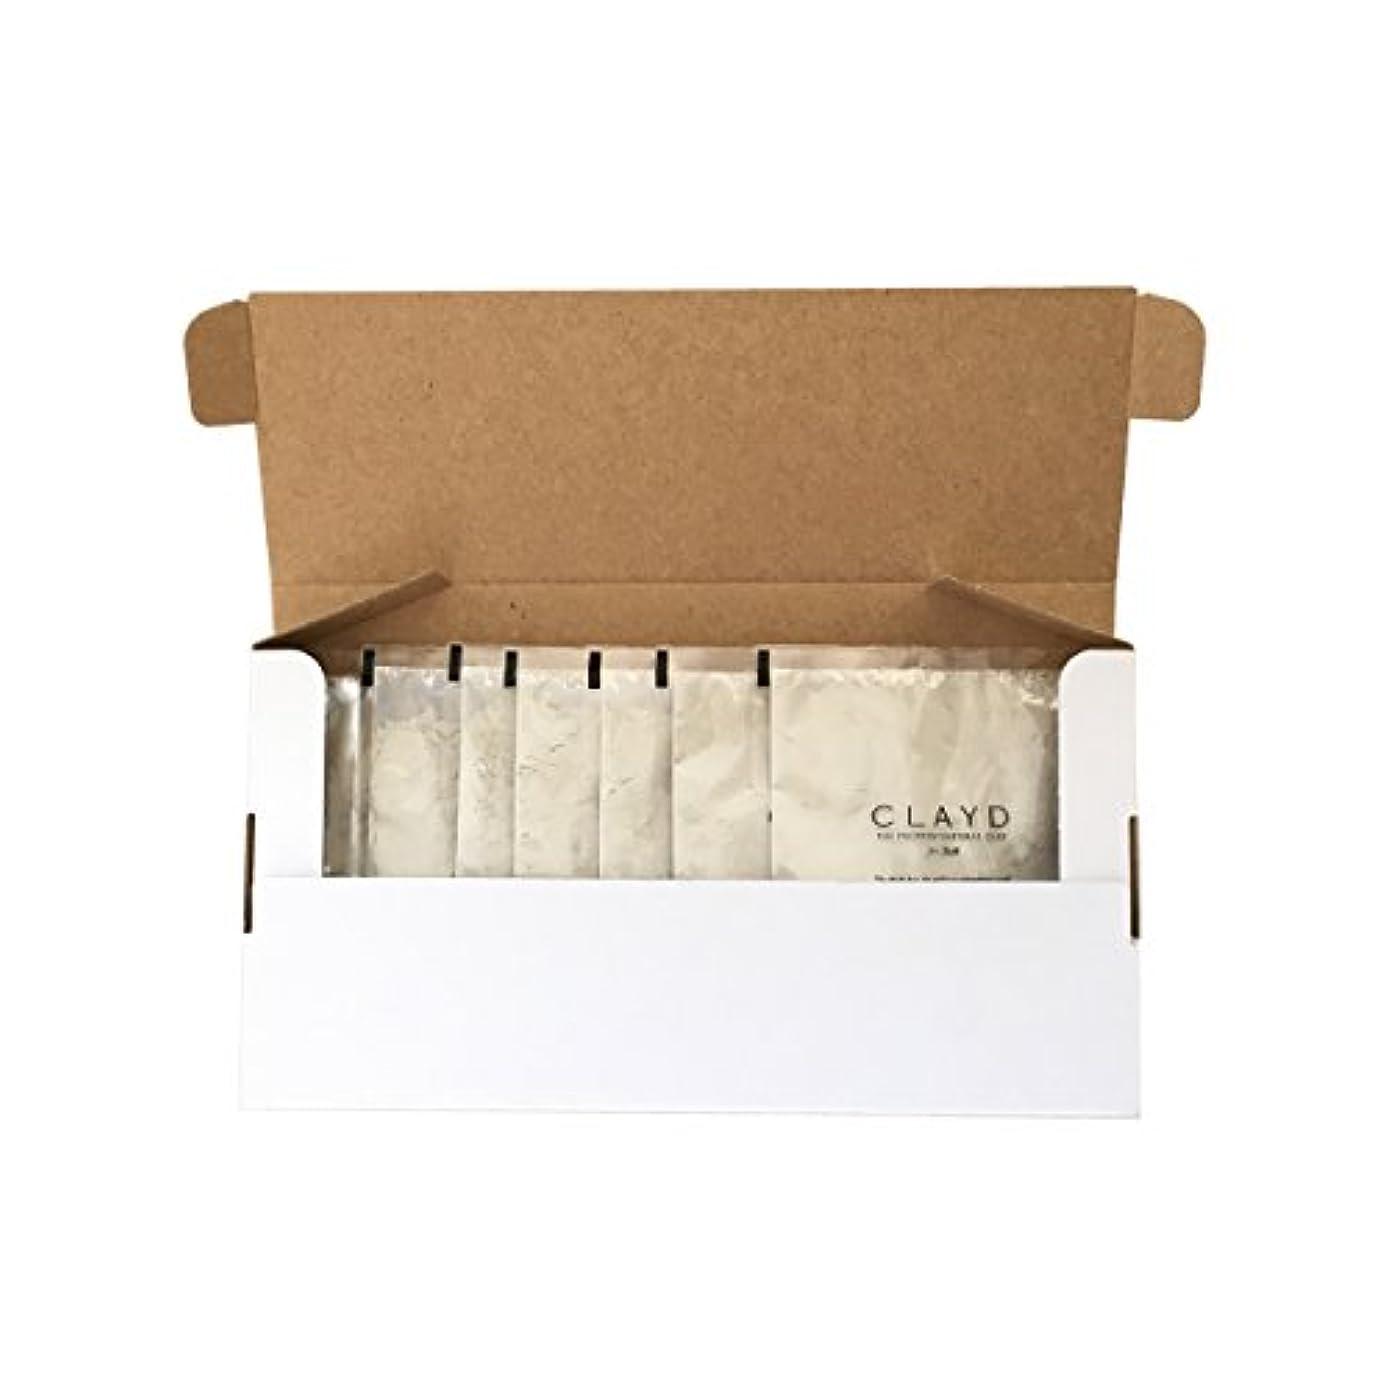 バレル広い多様体CLAYD for Bath(クレイドフォーバス)ONE WEEK TRIAL(30g×7袋)